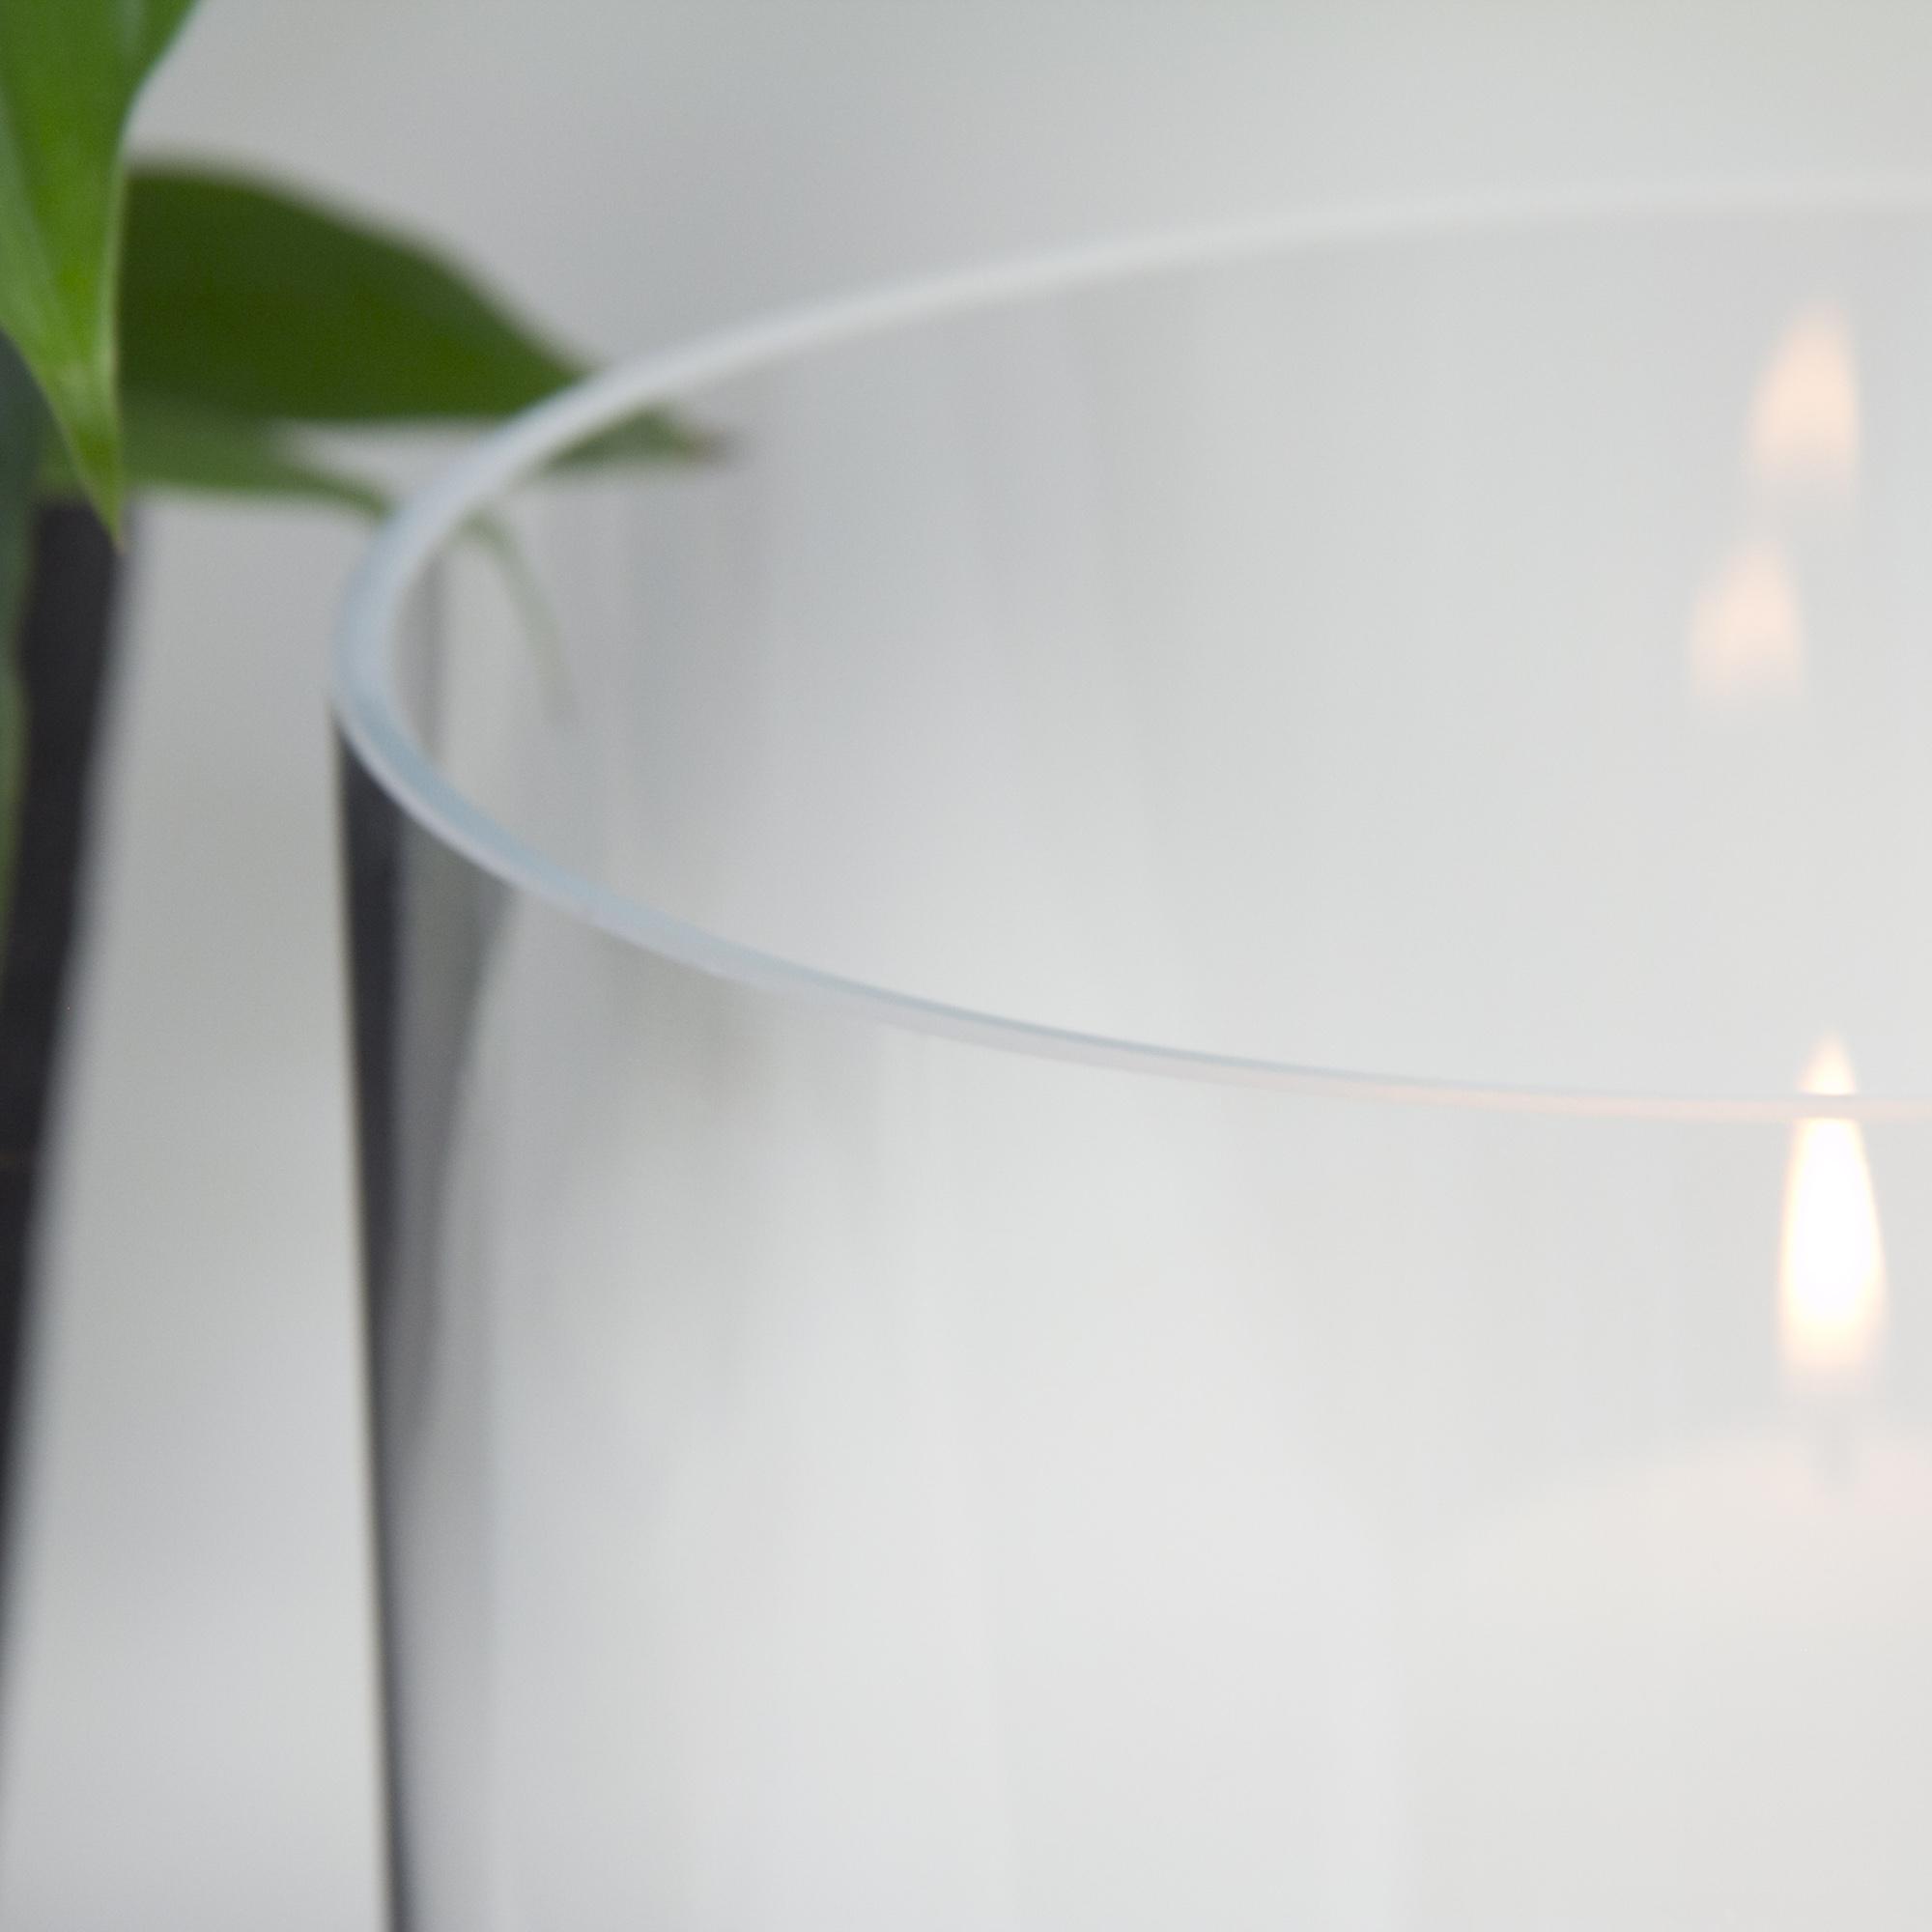 Varia Living Glaszylinder ohne Boden f/ür Windlicht Verschiedene Gr/ö/ßen verf/ügbar Ersatzglas transparent offenes Glasrohr gro/ß /Ø 14,5 cm//H 16 cm f/ür drau/ßen und innen